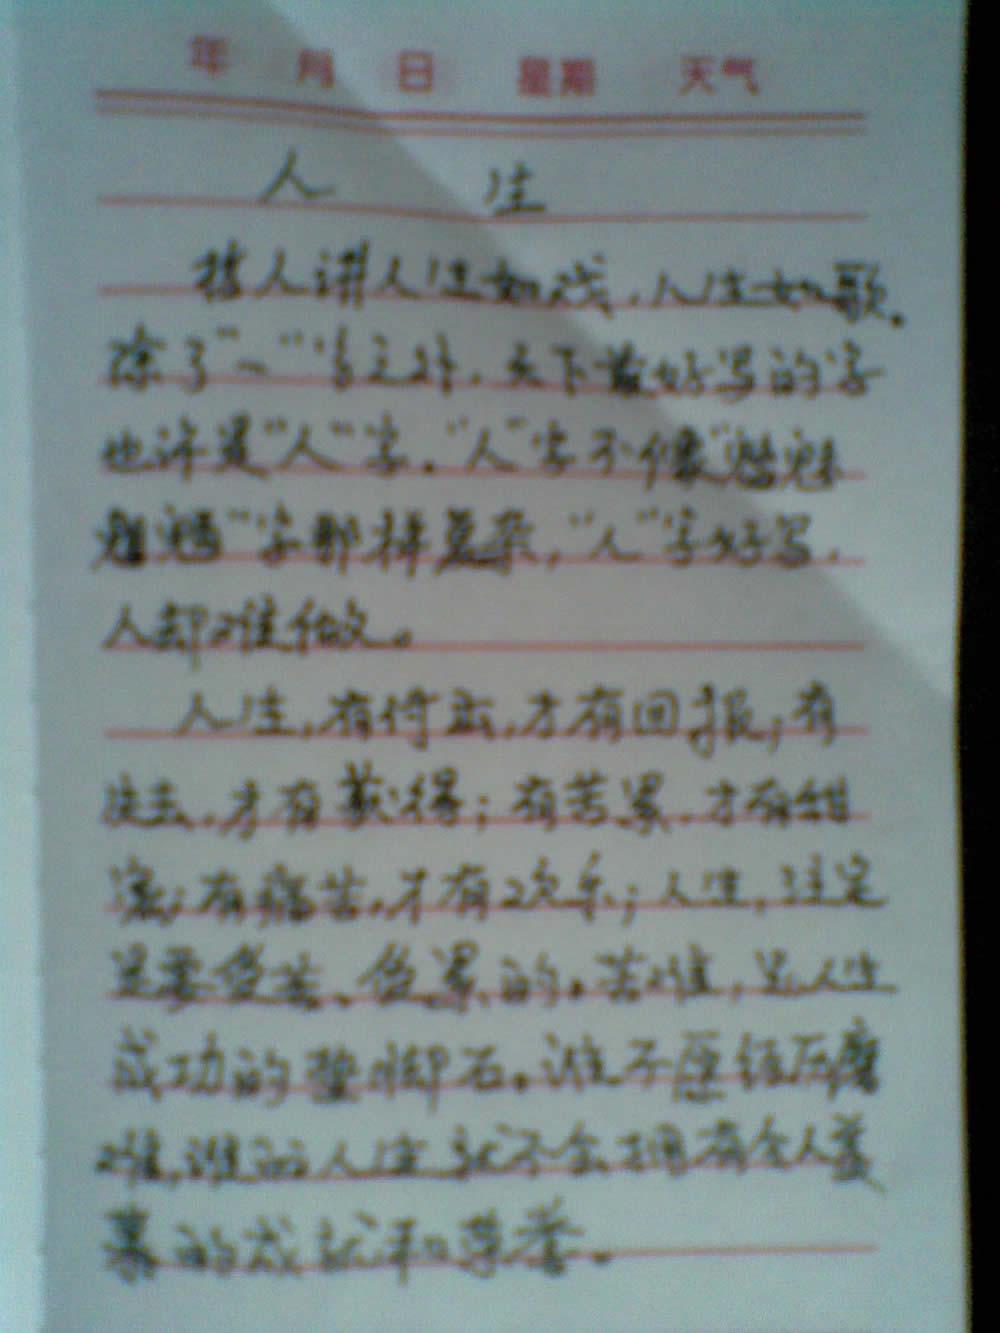 刘立明卷席筒 曲谱